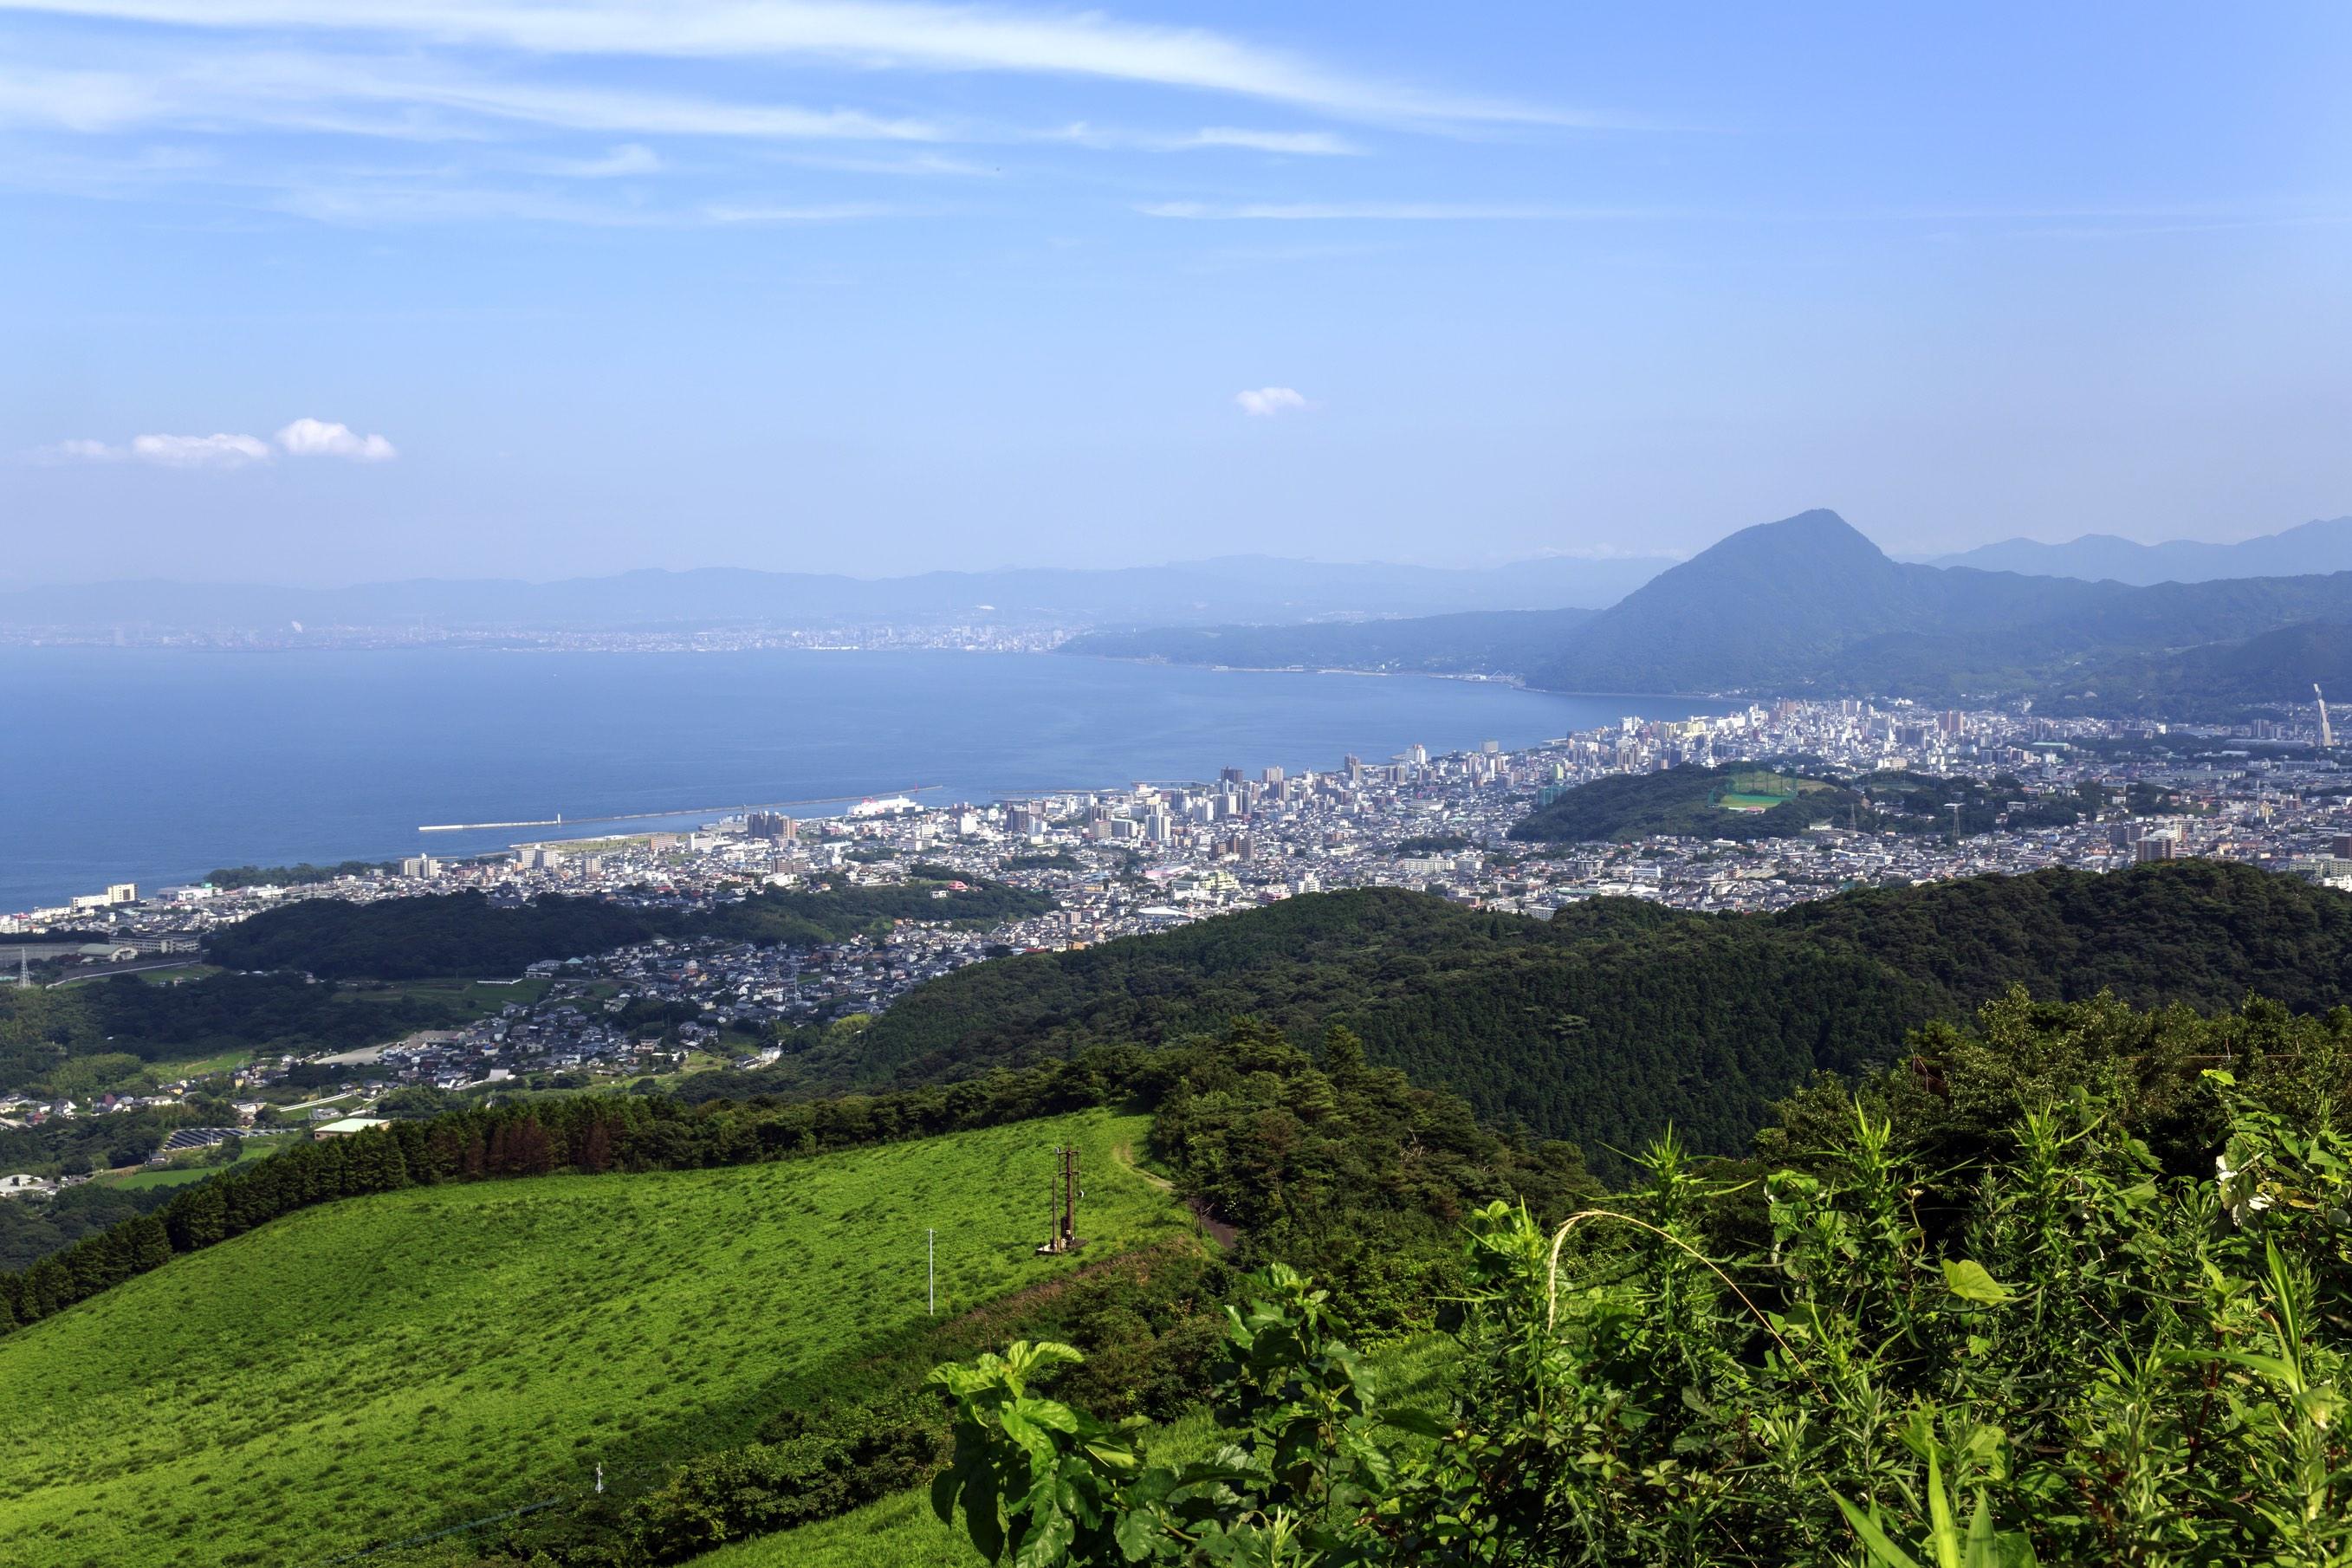 Beppu city in Oita, Japan